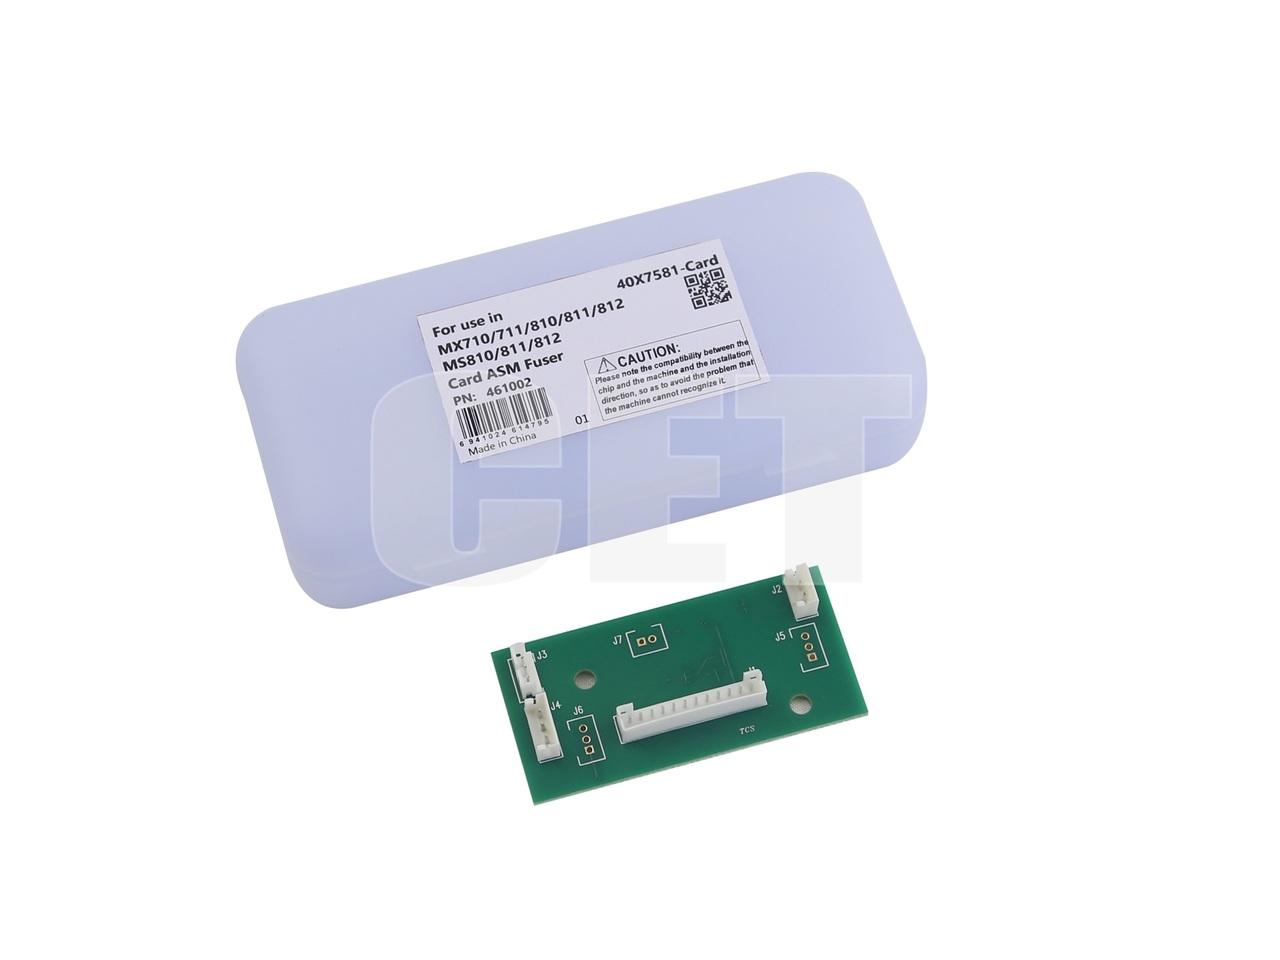 Чип фьюзера 40X7581-Card для LEXMARKMX710/711/811/812/MS810/812 (CET), CET461002